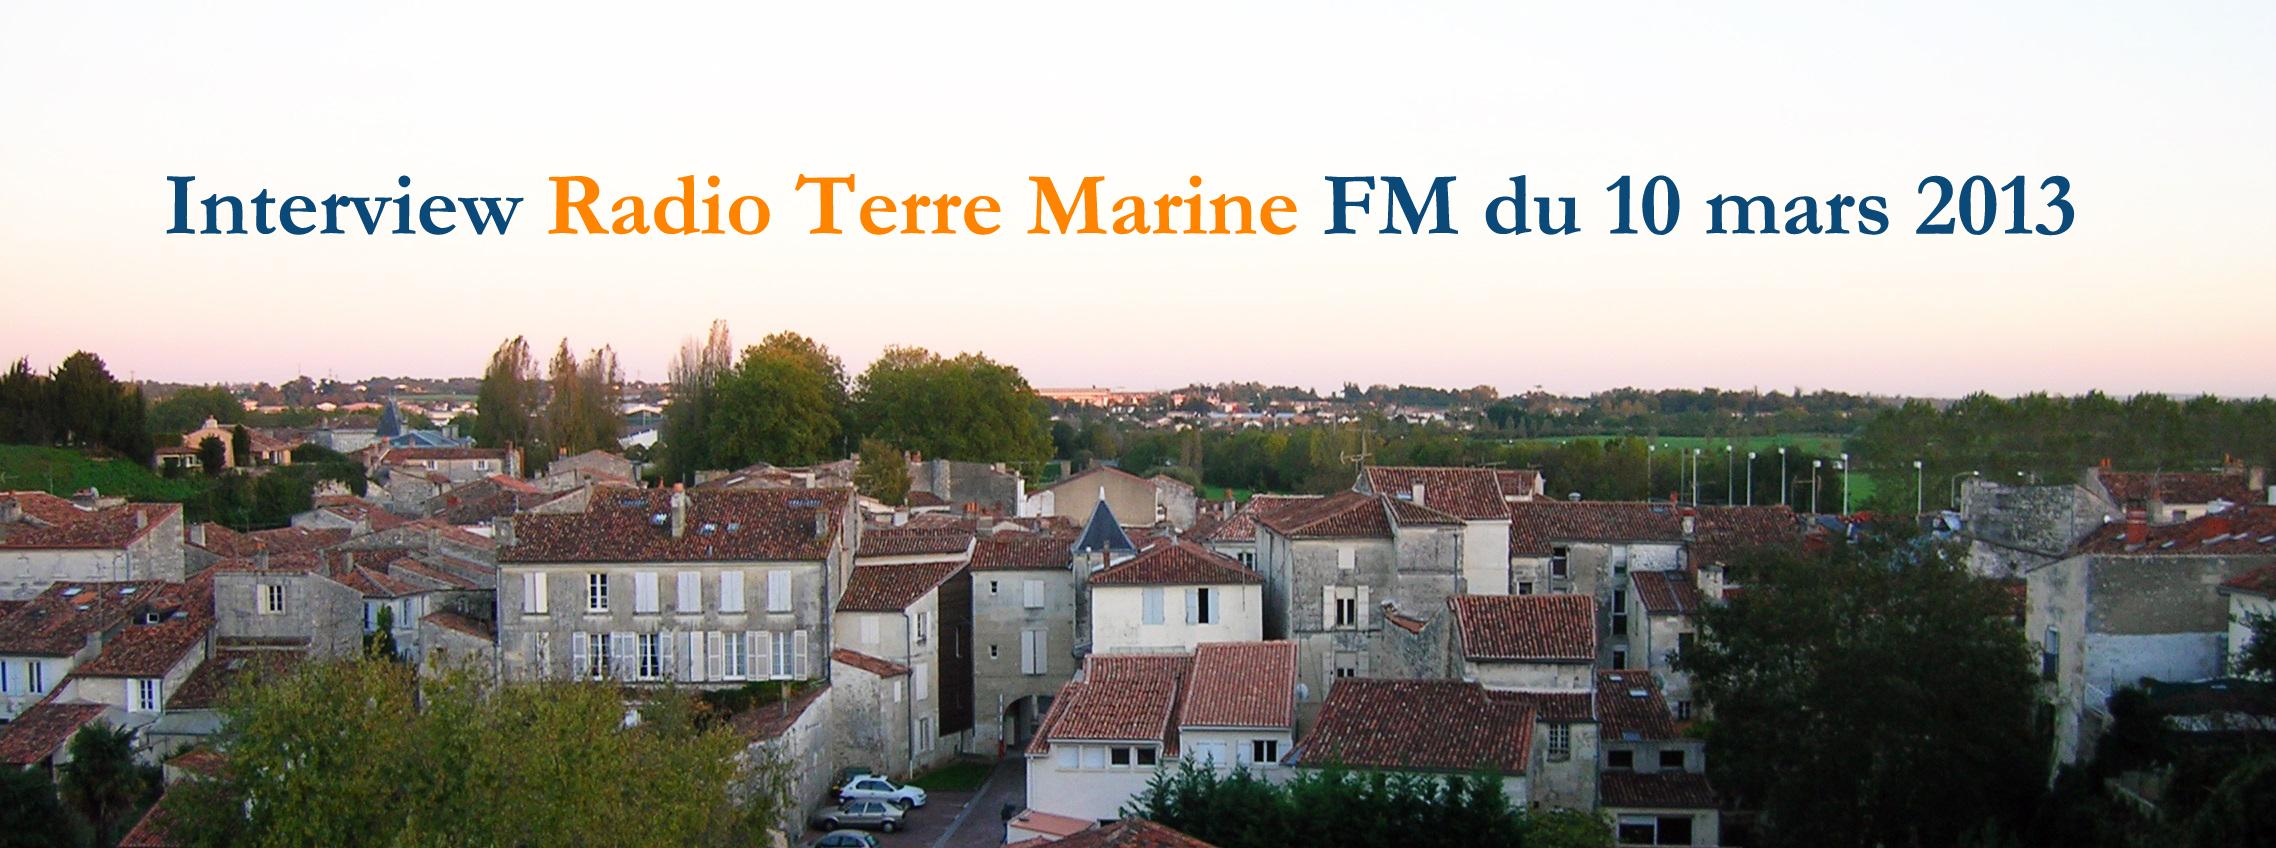 Interview Radio Terre Marine FM du 10 mars